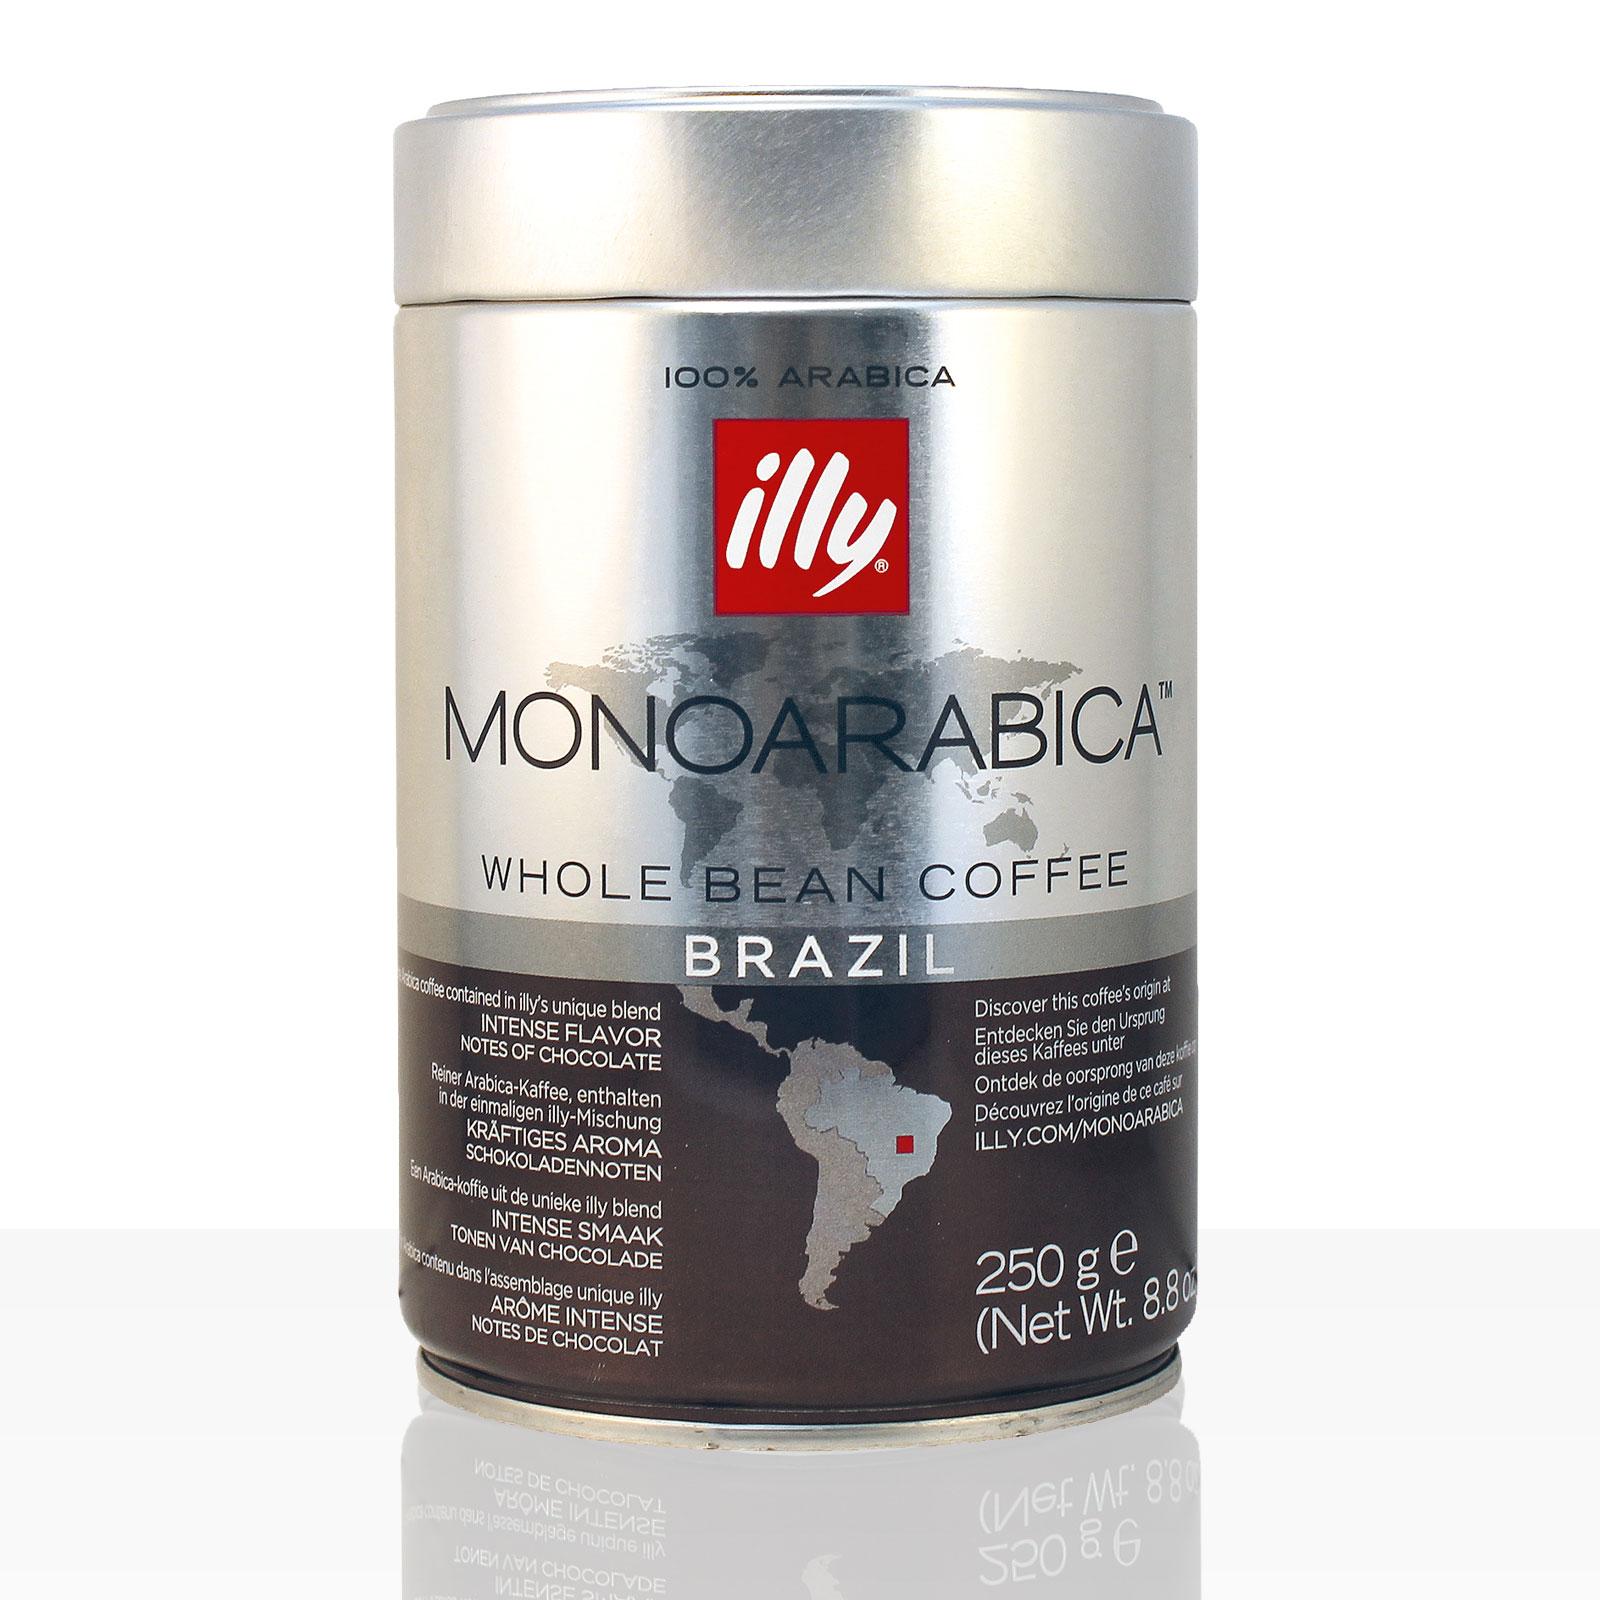 illy Monoarabica Brasilien